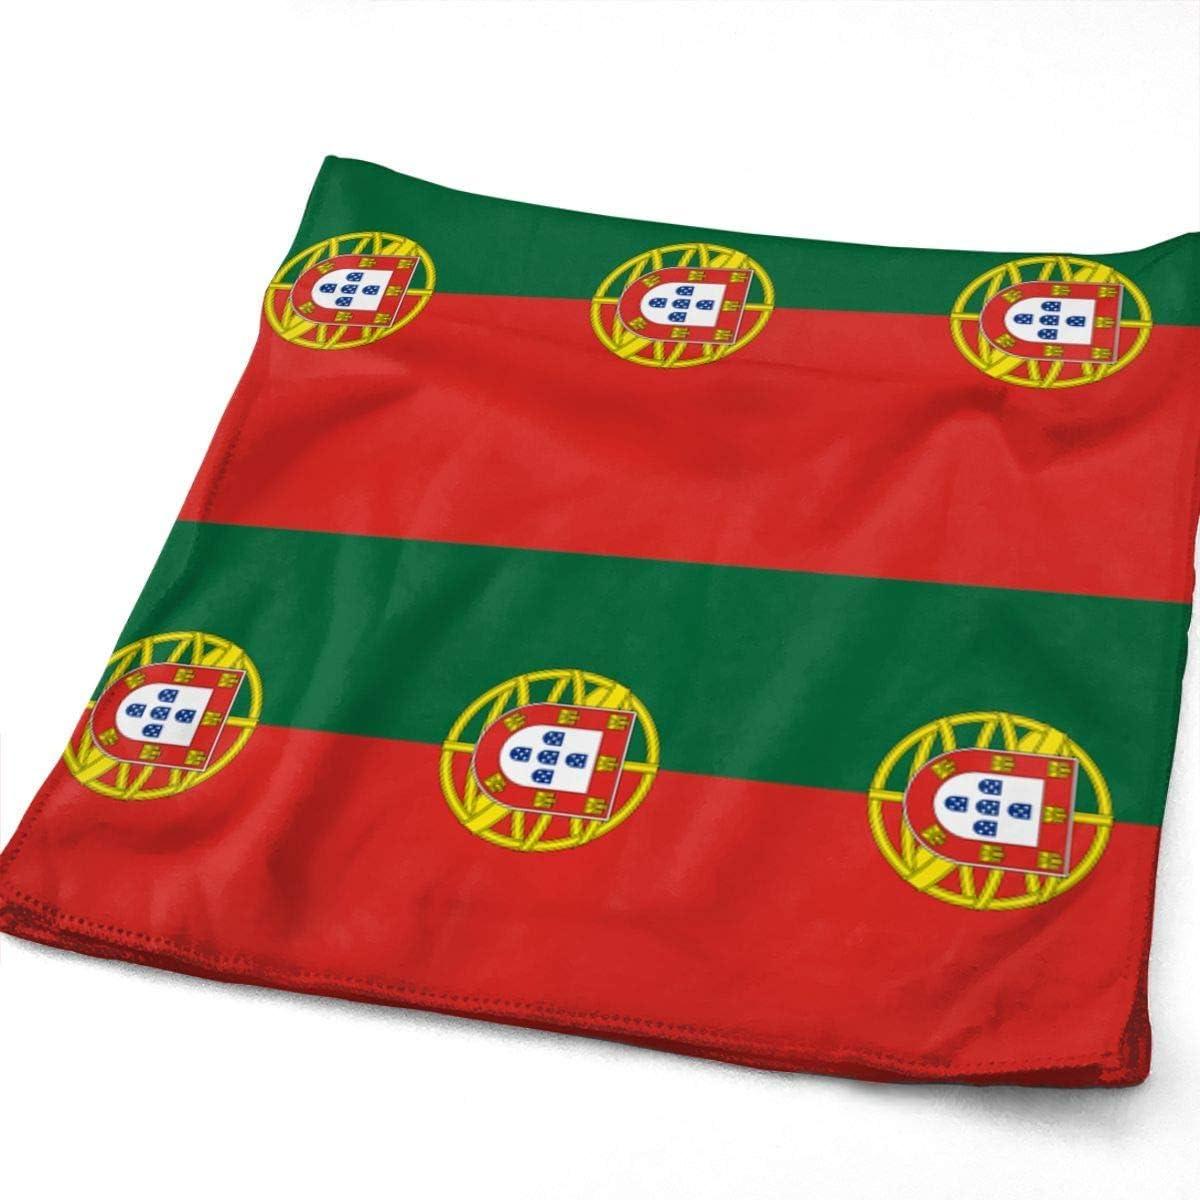 Playa y SPA Gimnasio Mnsruu Toalla de Mano dise/ño de Bandera de Portugal para ba/ño Toalla de Mano